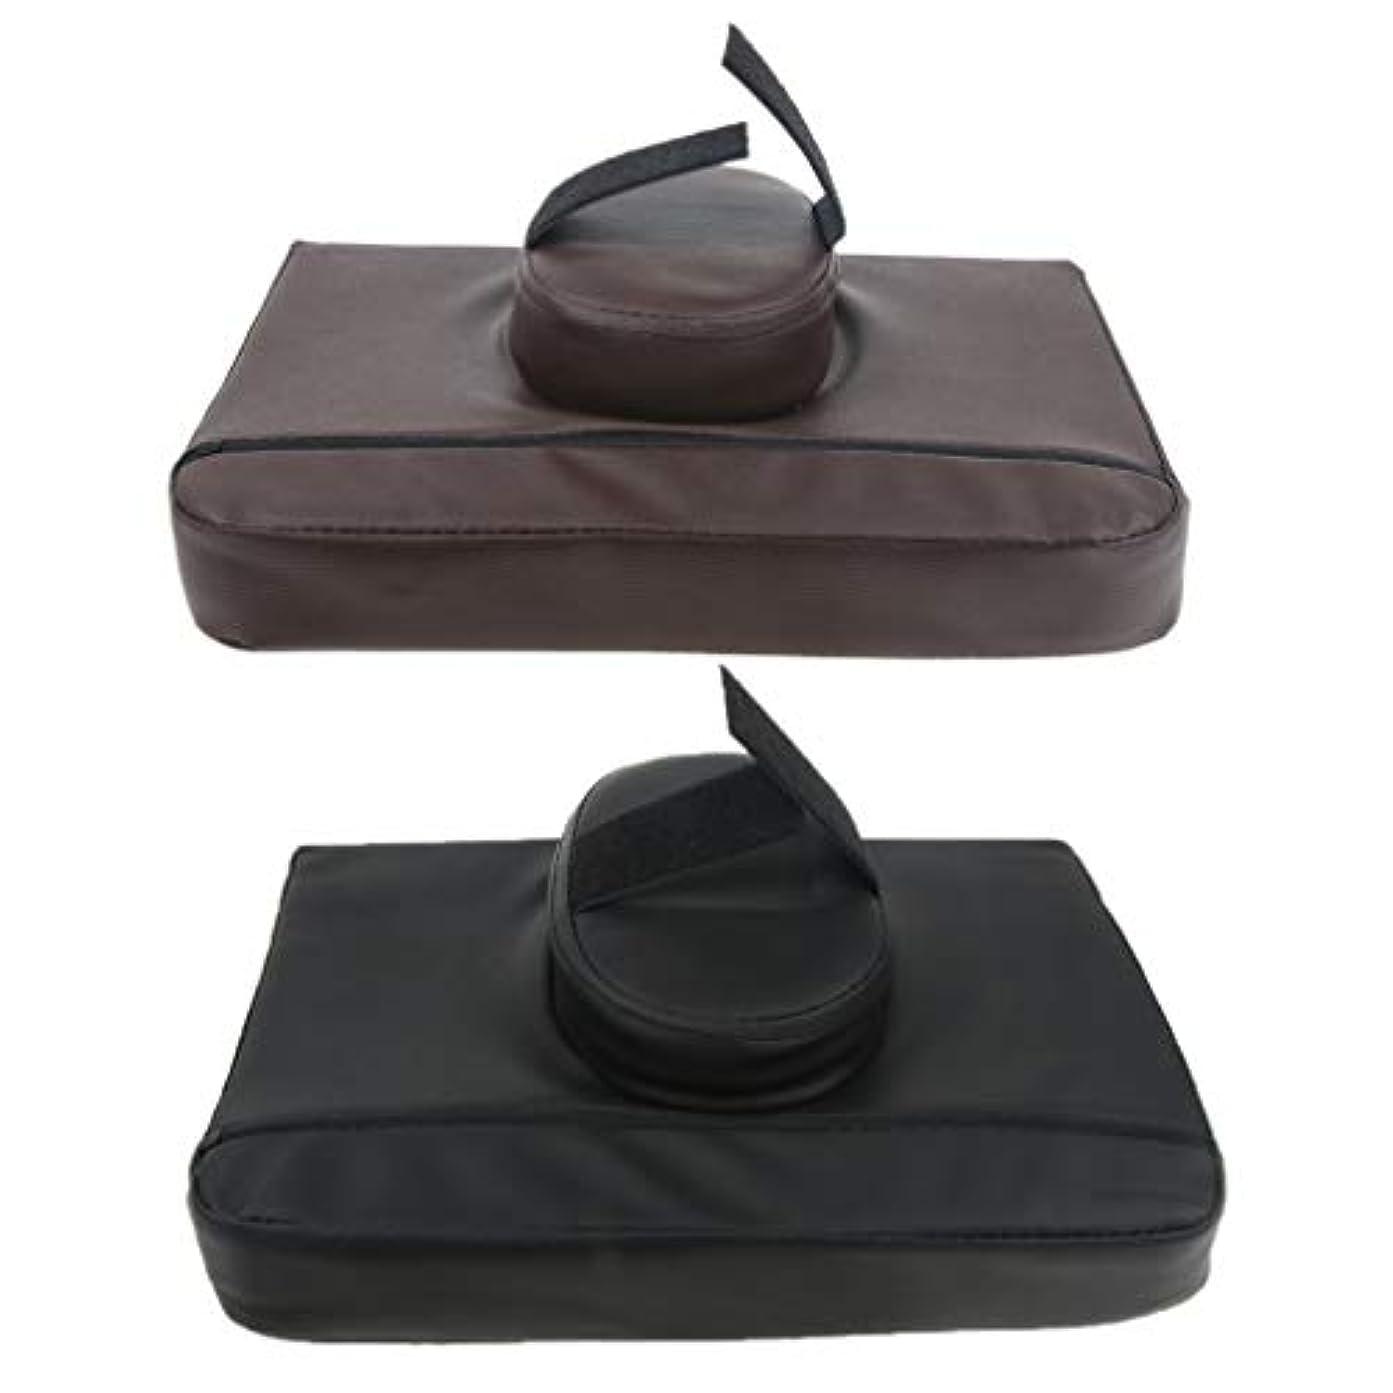 柔らかい足物質特異なマッサージ枕 マッサージピロー スクエア マッサージテーブル用クッション 通気性 快適 実用的 2個